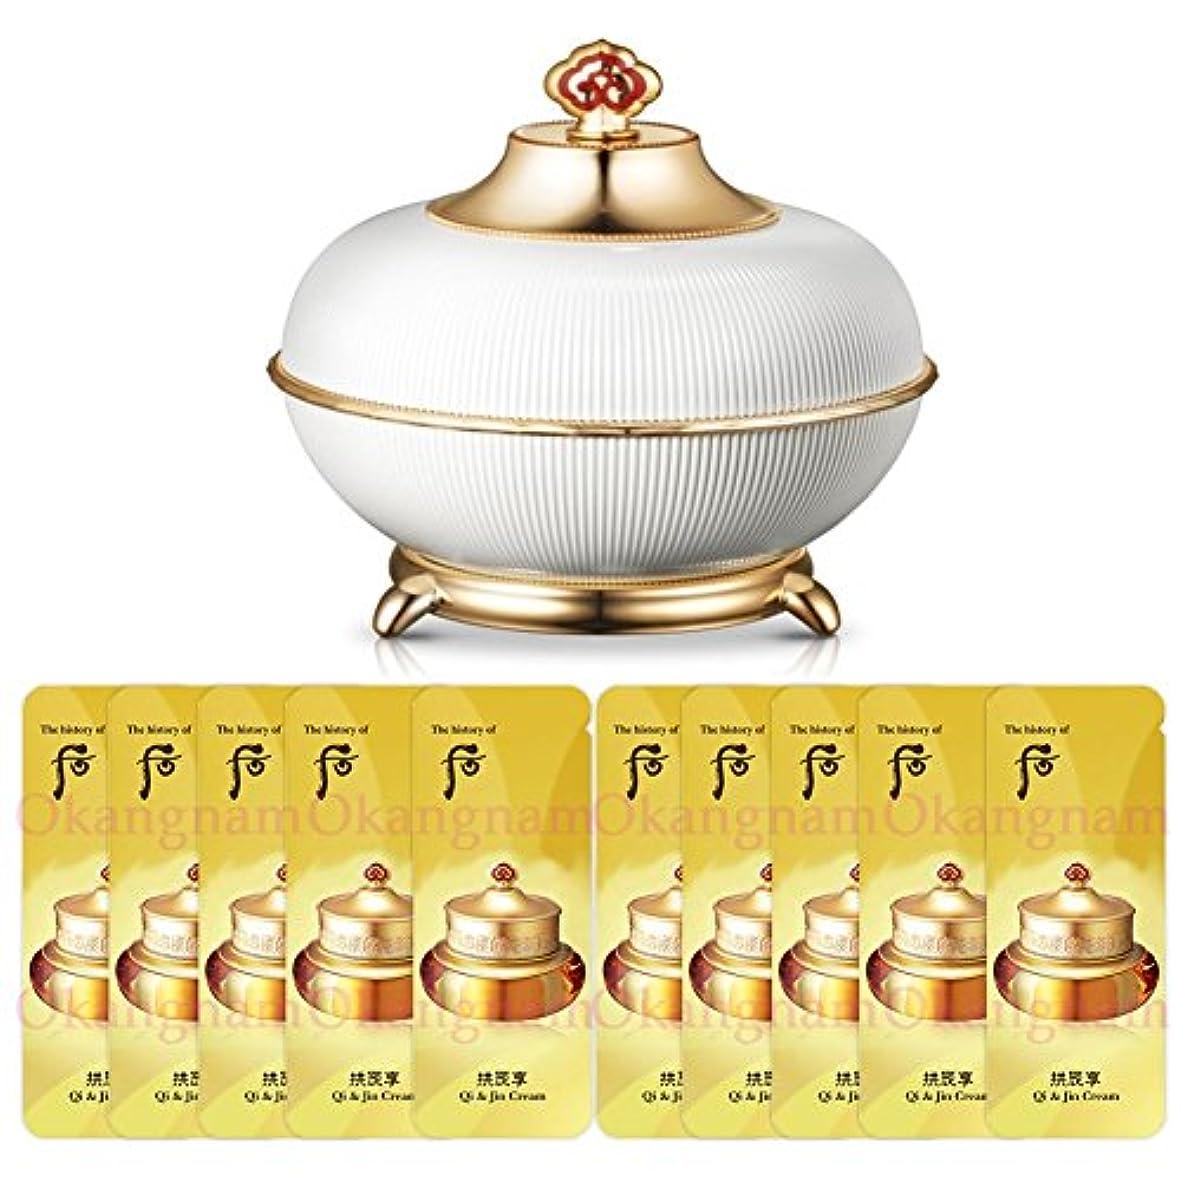 暴動貨物ナット【フー/The history of whoo] Whoo 后 MOH02 Secret Court Cream/后(フー) ミョンイヒャン ビダンゴ 50ml + [Sample Gift](海外直送品)